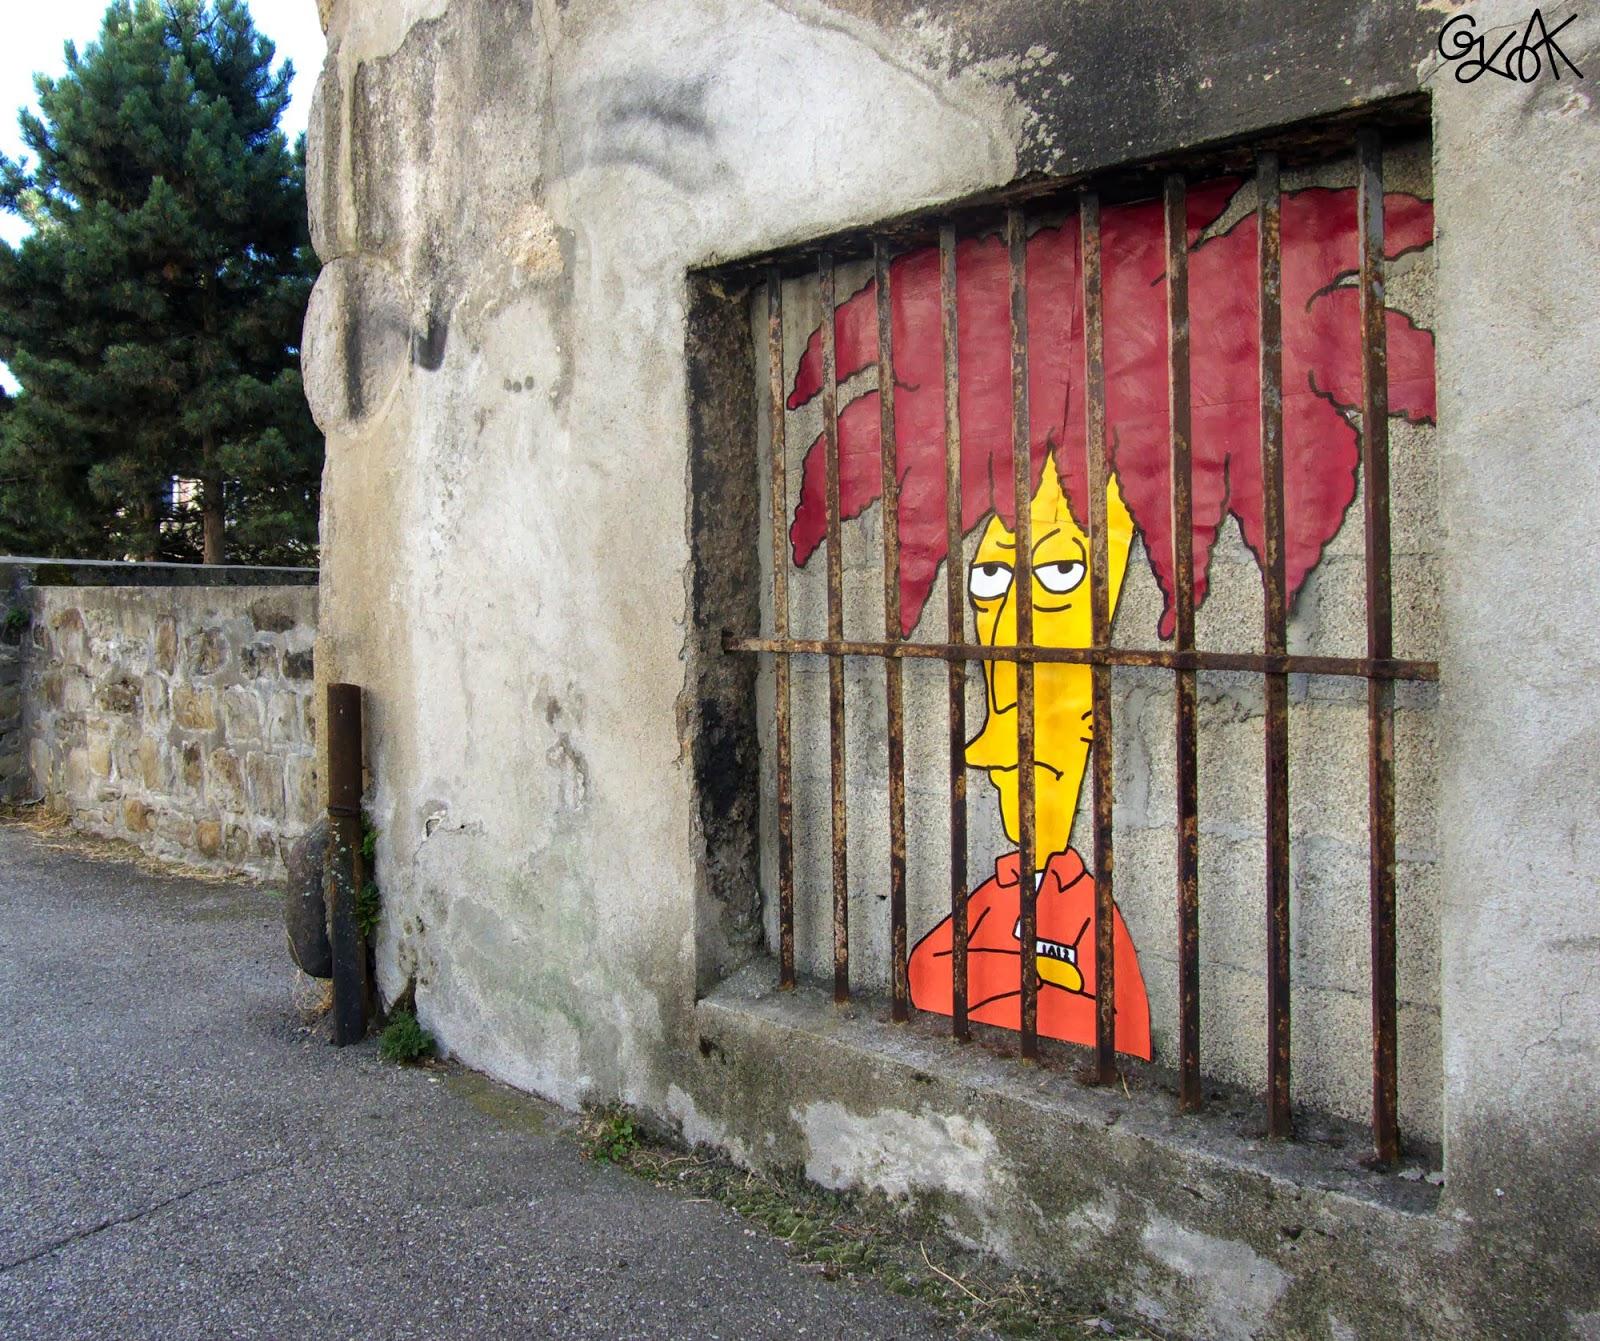 """""""Sideshow Bob"""" a new Simpsons themed Street Art Piece by OakOak in Saint Etienne, France. 1"""